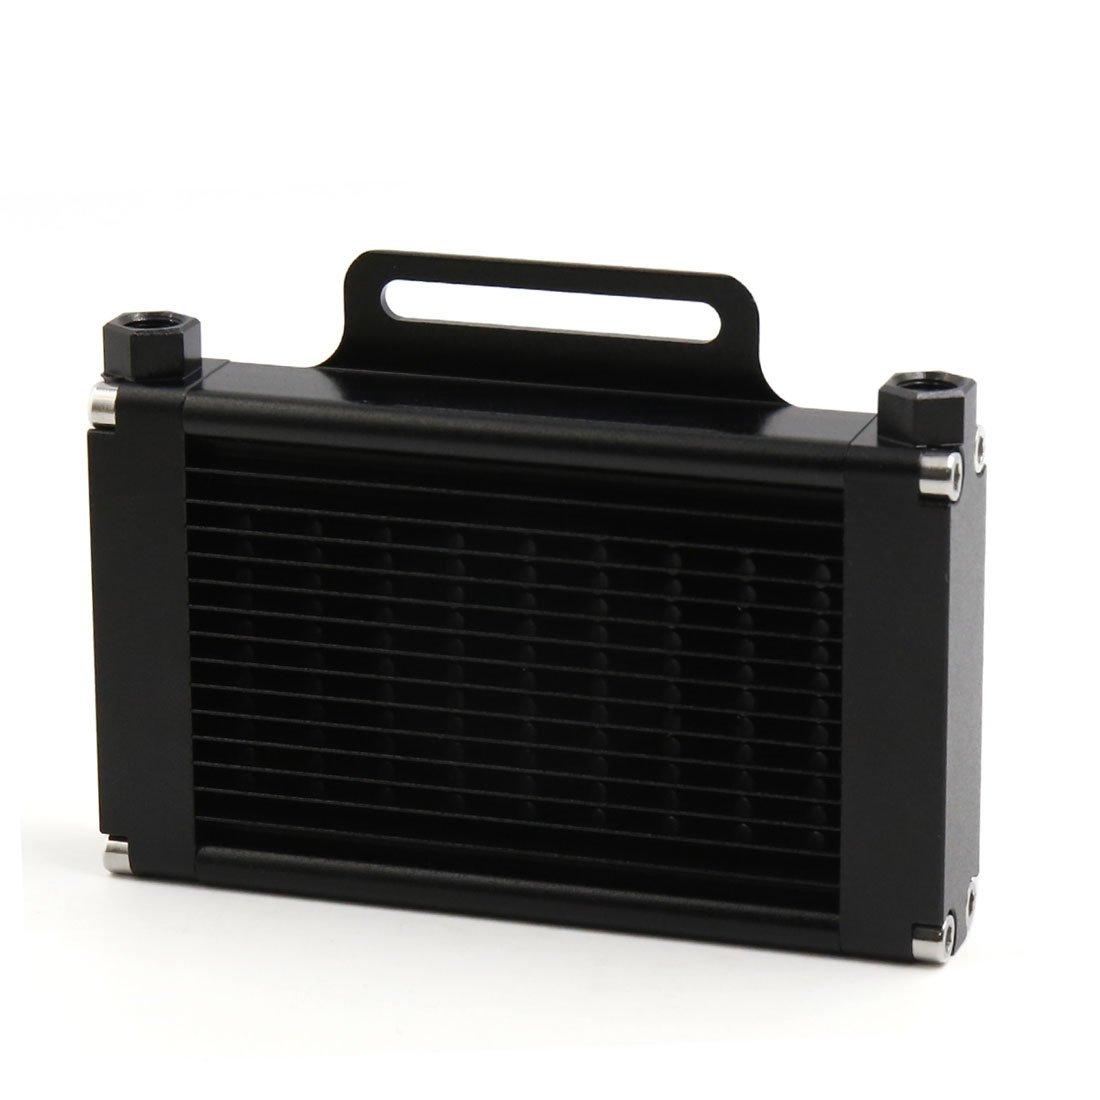 sourcingmap Alliage aluminium noir 9mm Filetage 14 lignes refroidisseur huile moteur Moto radiateur a17011200ux0155